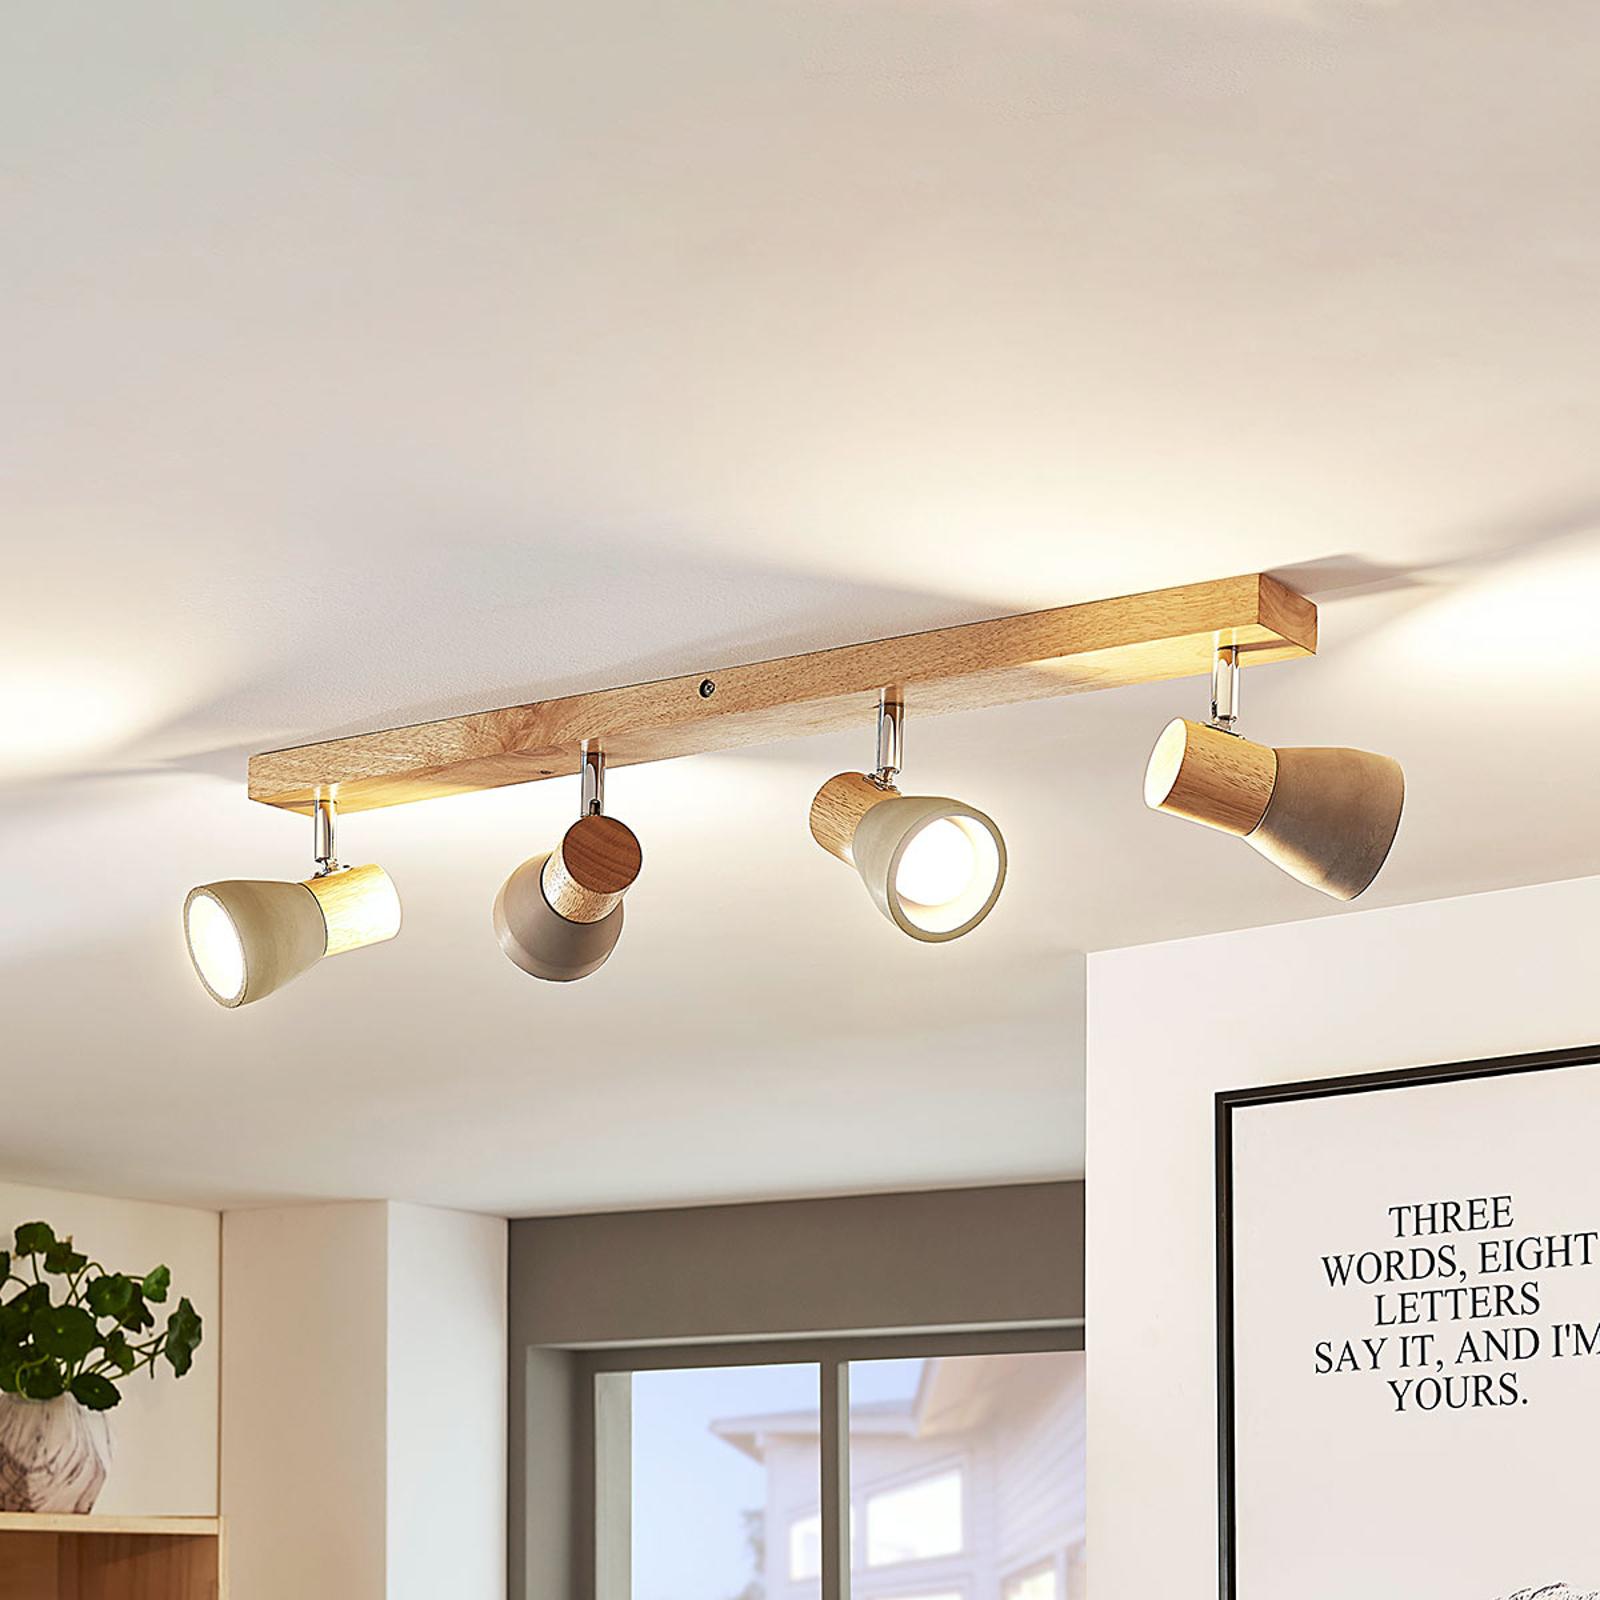 LED-taklampe Filiz i tre og betong, 4 lyskilder